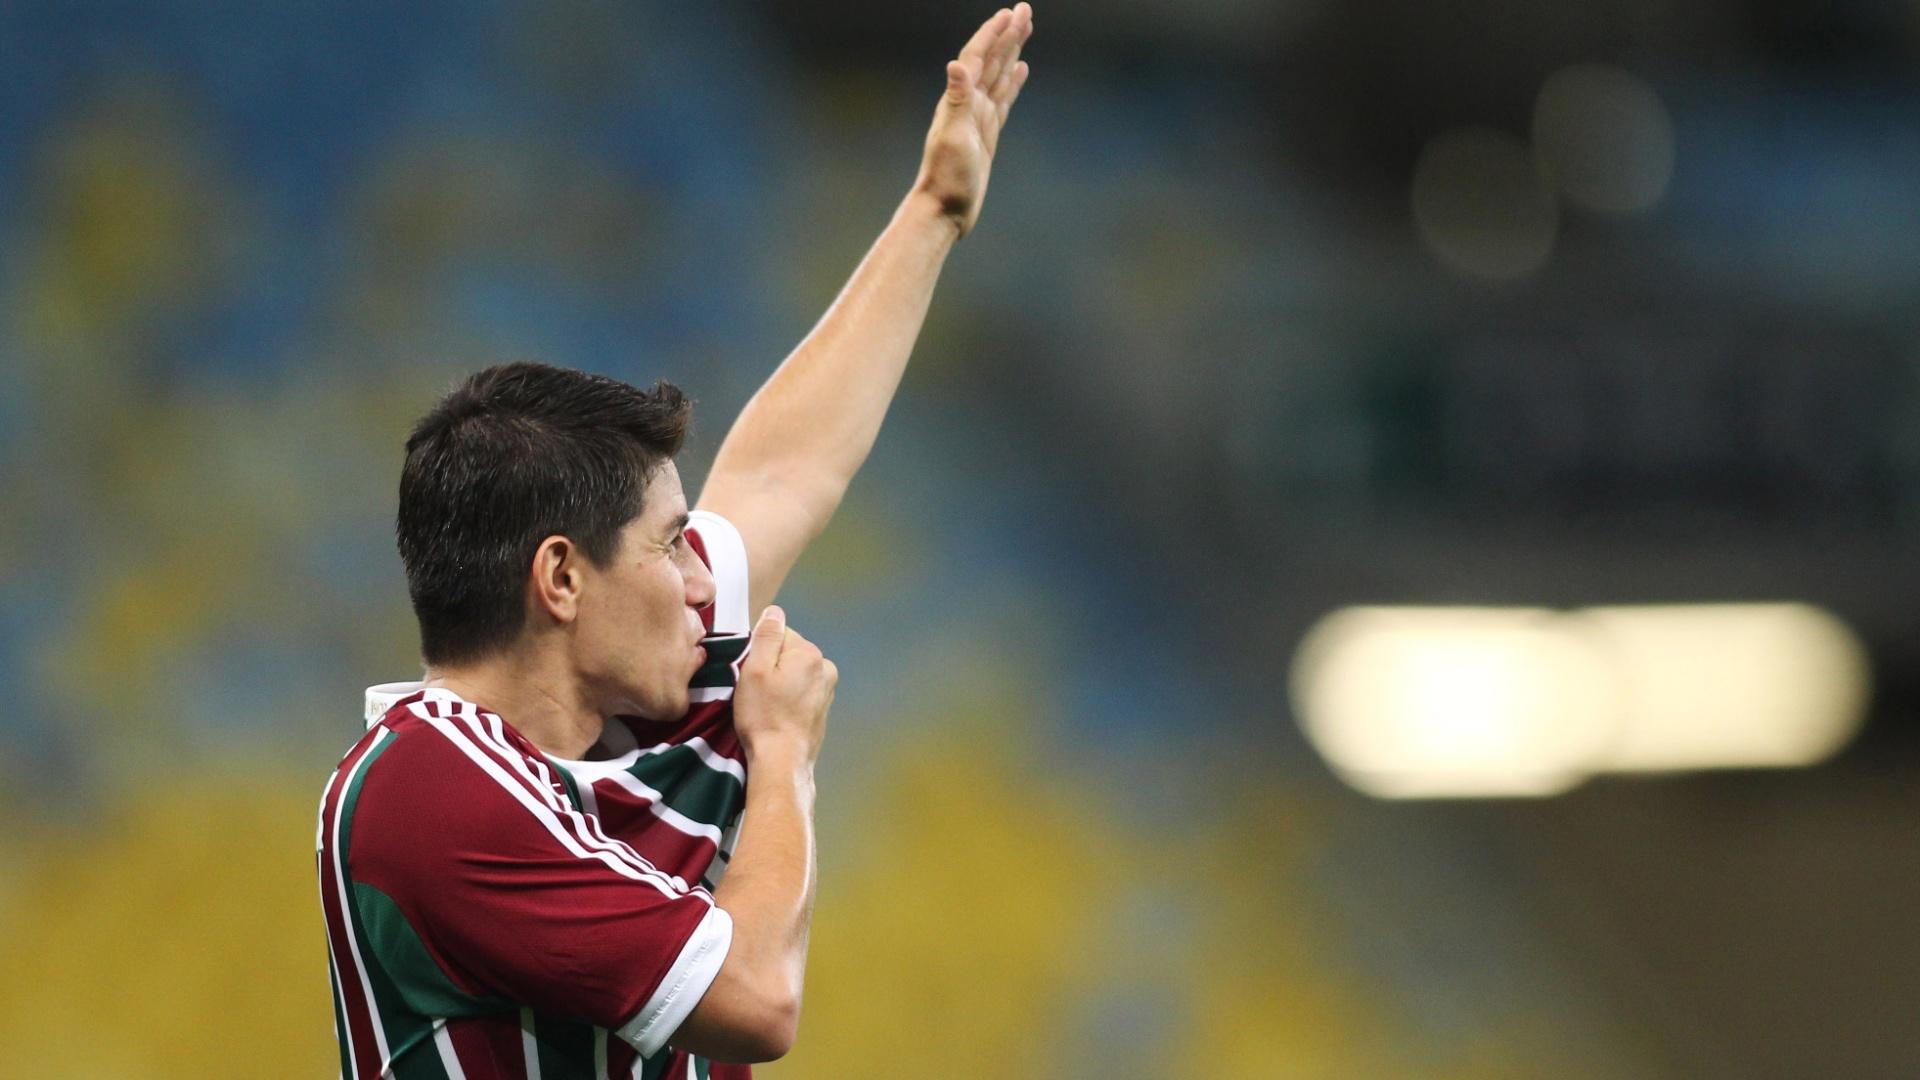 Conca fez o terceiro gol do Fluminense, em cobrança de falta